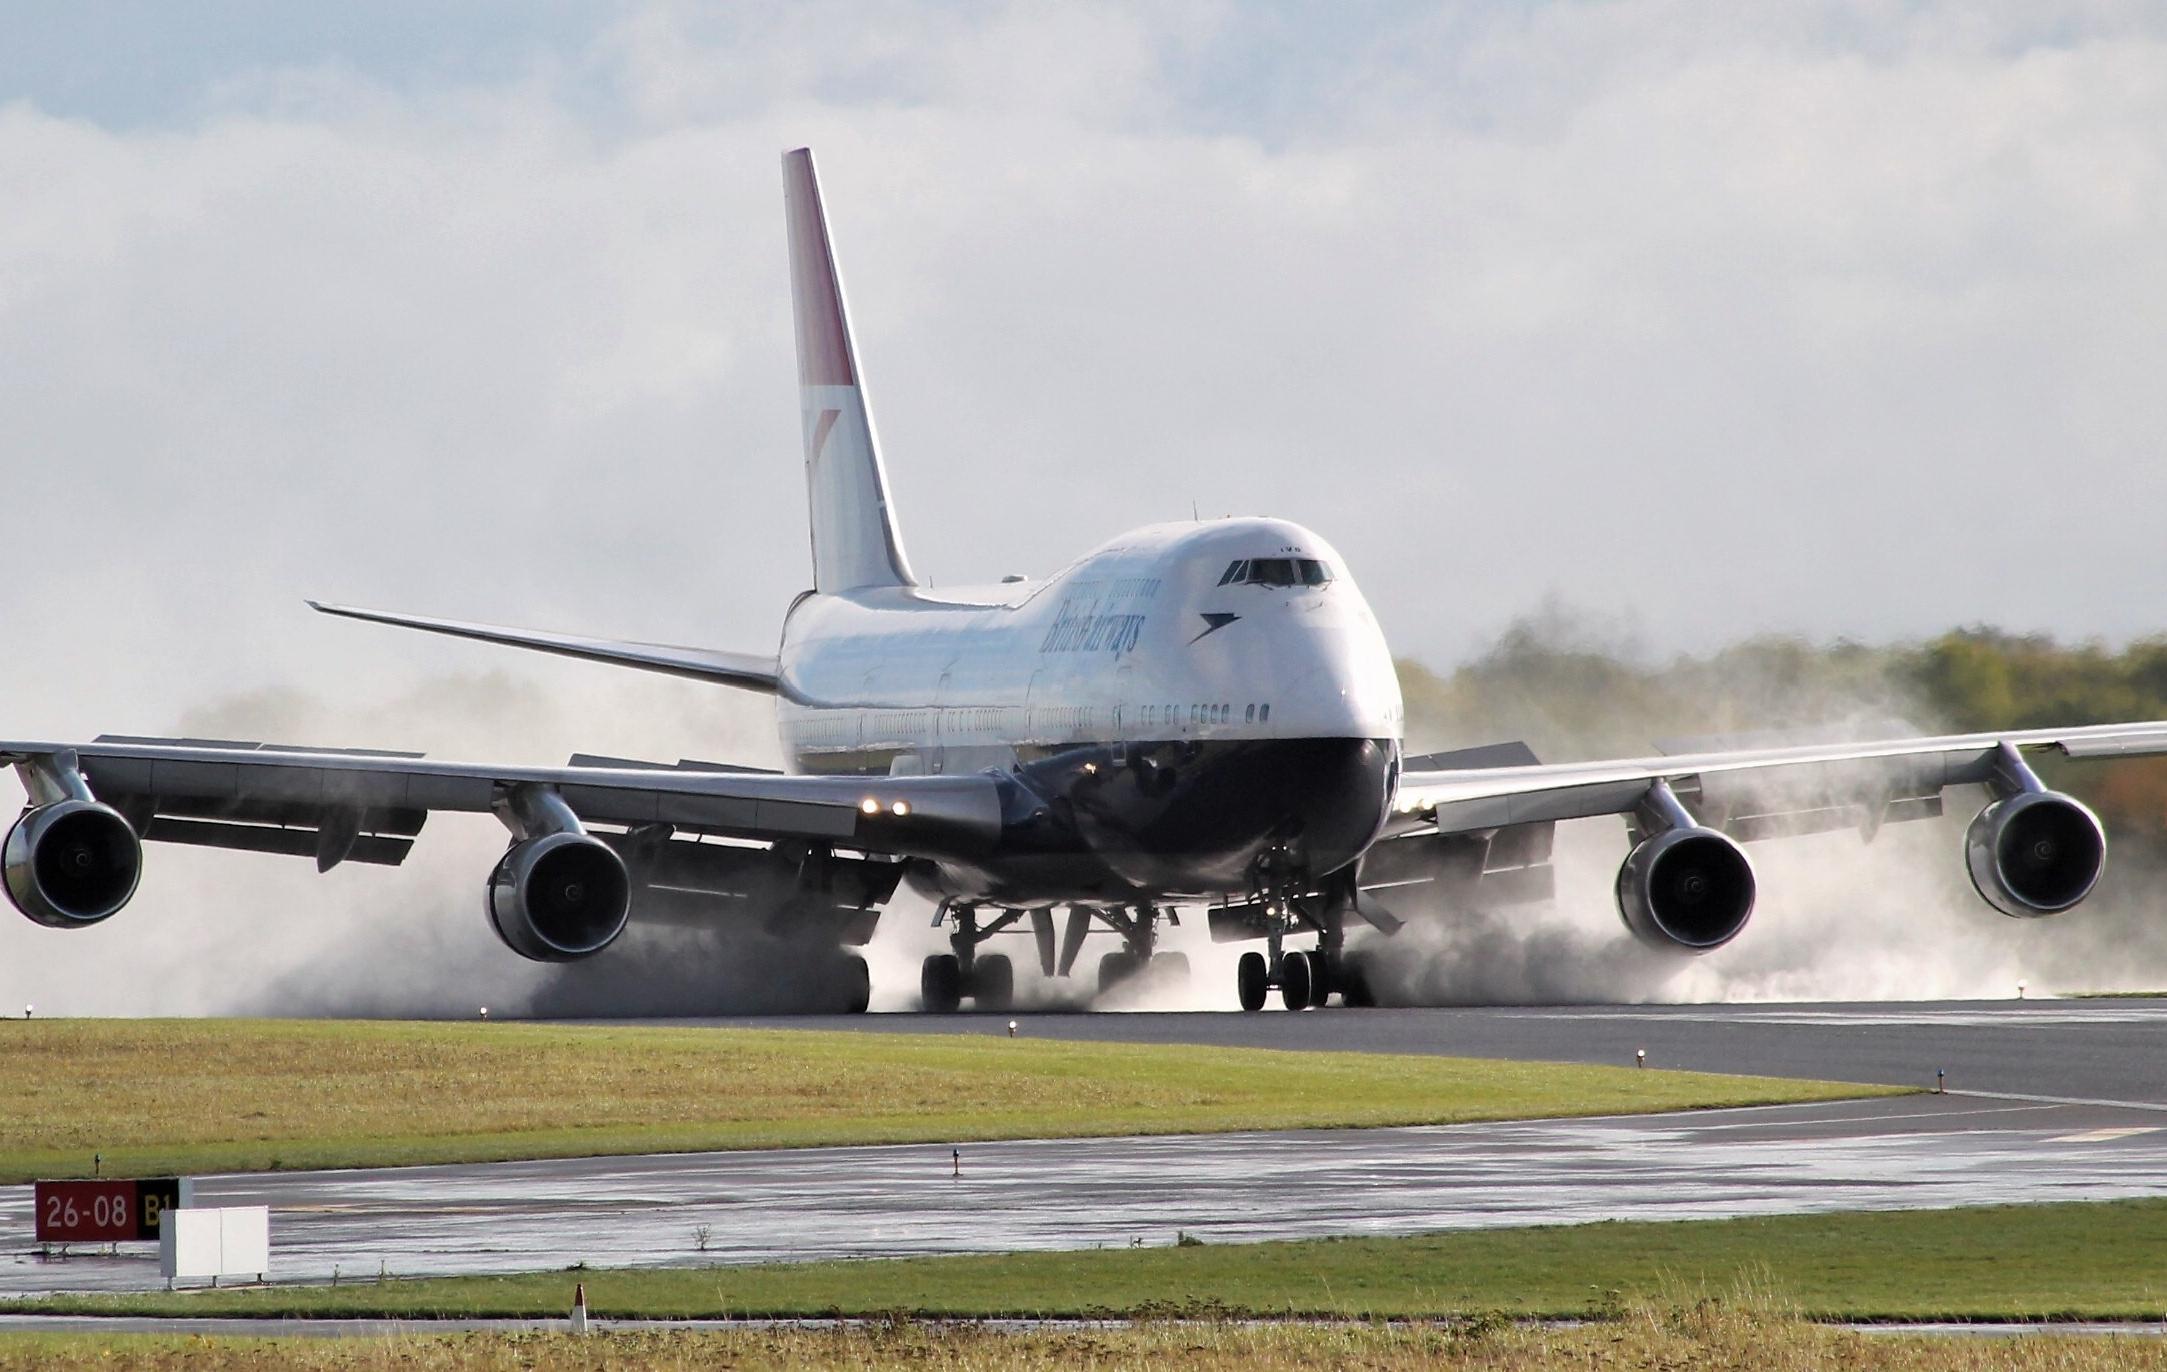 En af British Airways' pensionerede B747'ere er denne med registreringen G-CIVB og den såkaldte Negus-bemaling. Den skal nu tilpasses et liv på jorden, men fra næste forår åbnes den for besøgende i Cotswold Airport, der ligger sådan cirka mellem London og Wales. Pressefoto: British Airways.